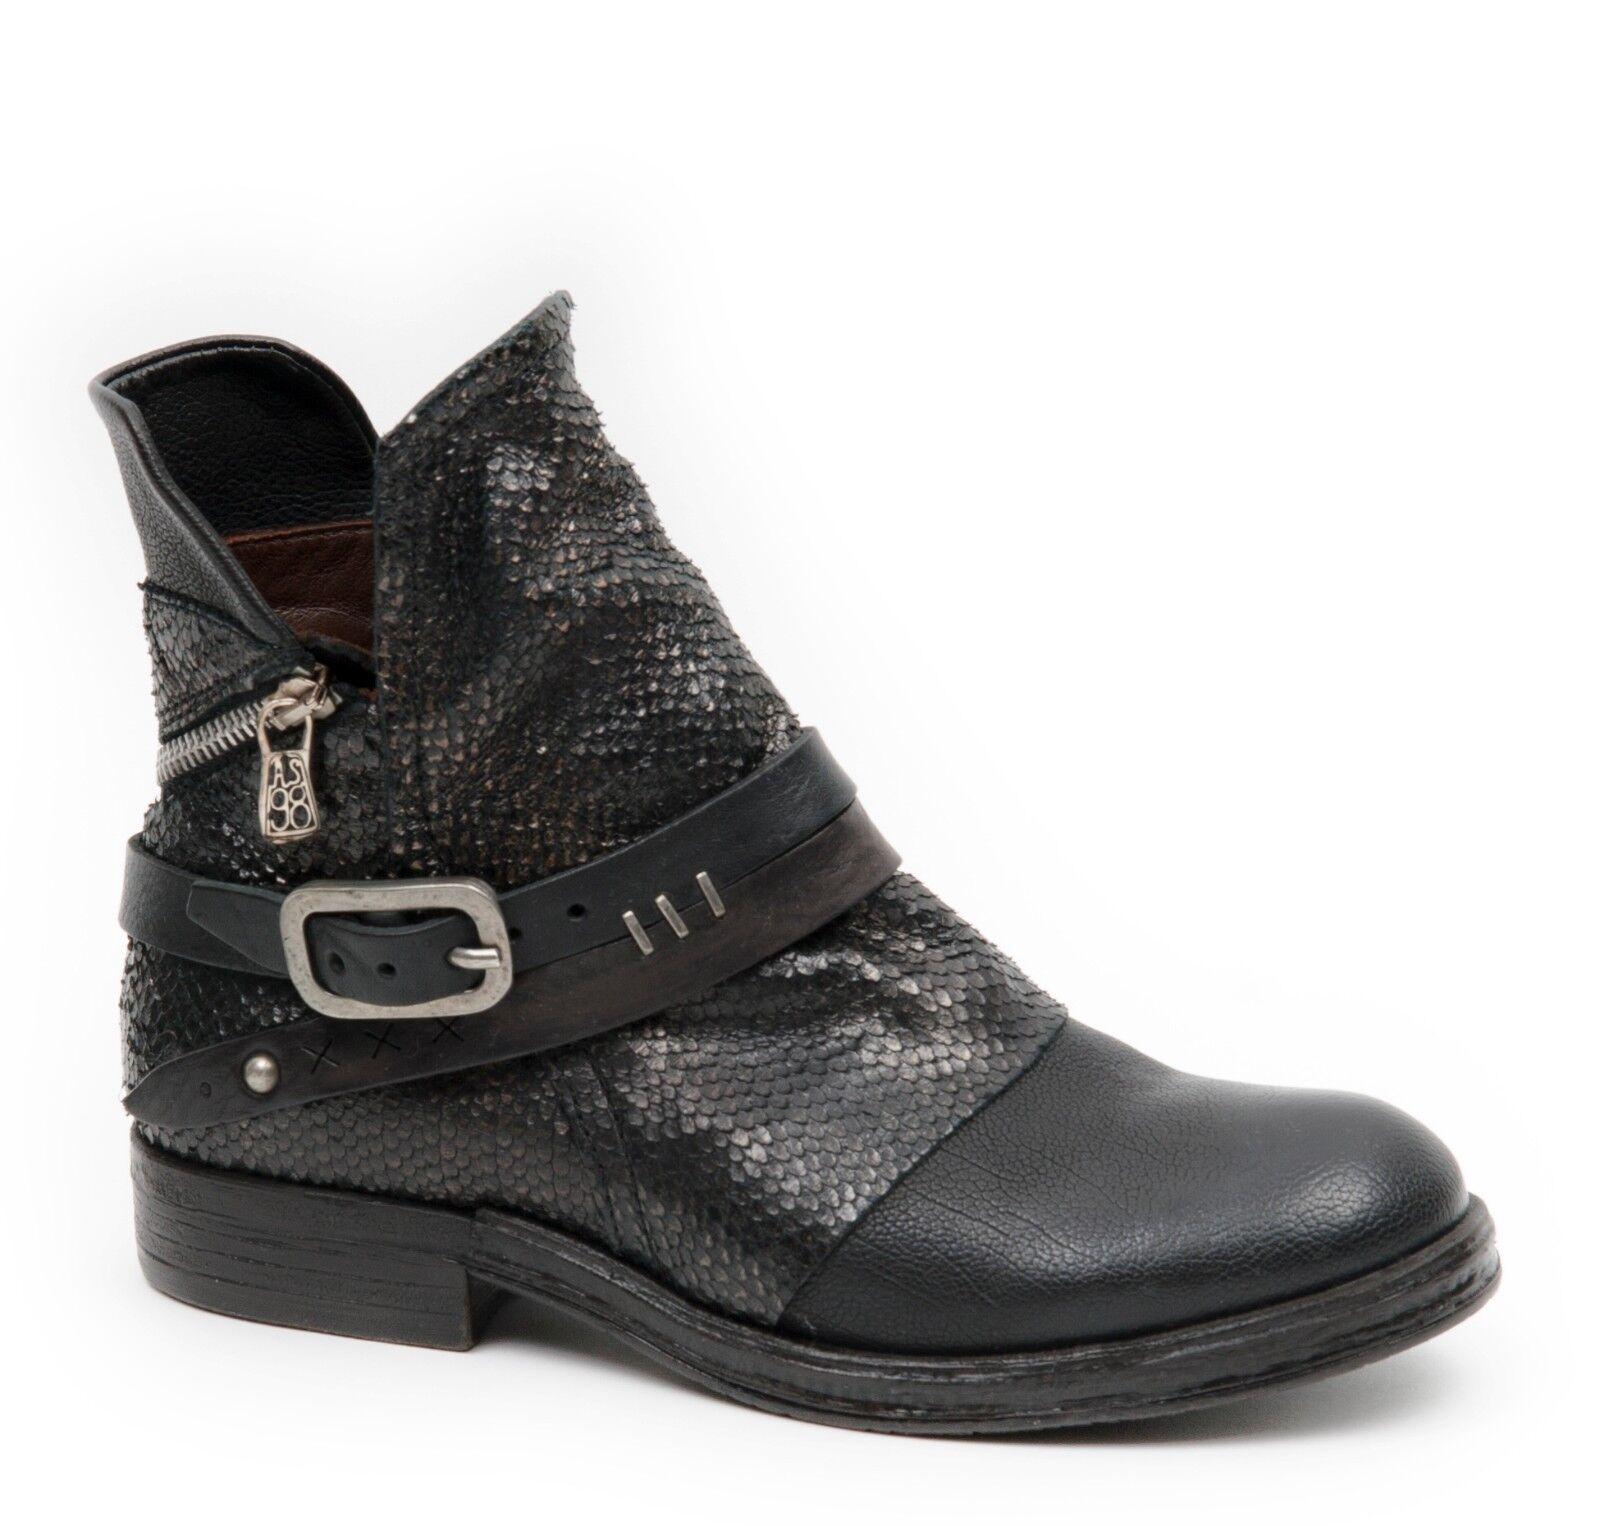 Zapatos de mujer baratos zapatos de mujer Grandes zapatos con descuento A.S.98 AIRSTEP Stiefeletten AS.98 Stiefel AS98 Boots 207202 NERO schwarz NEU